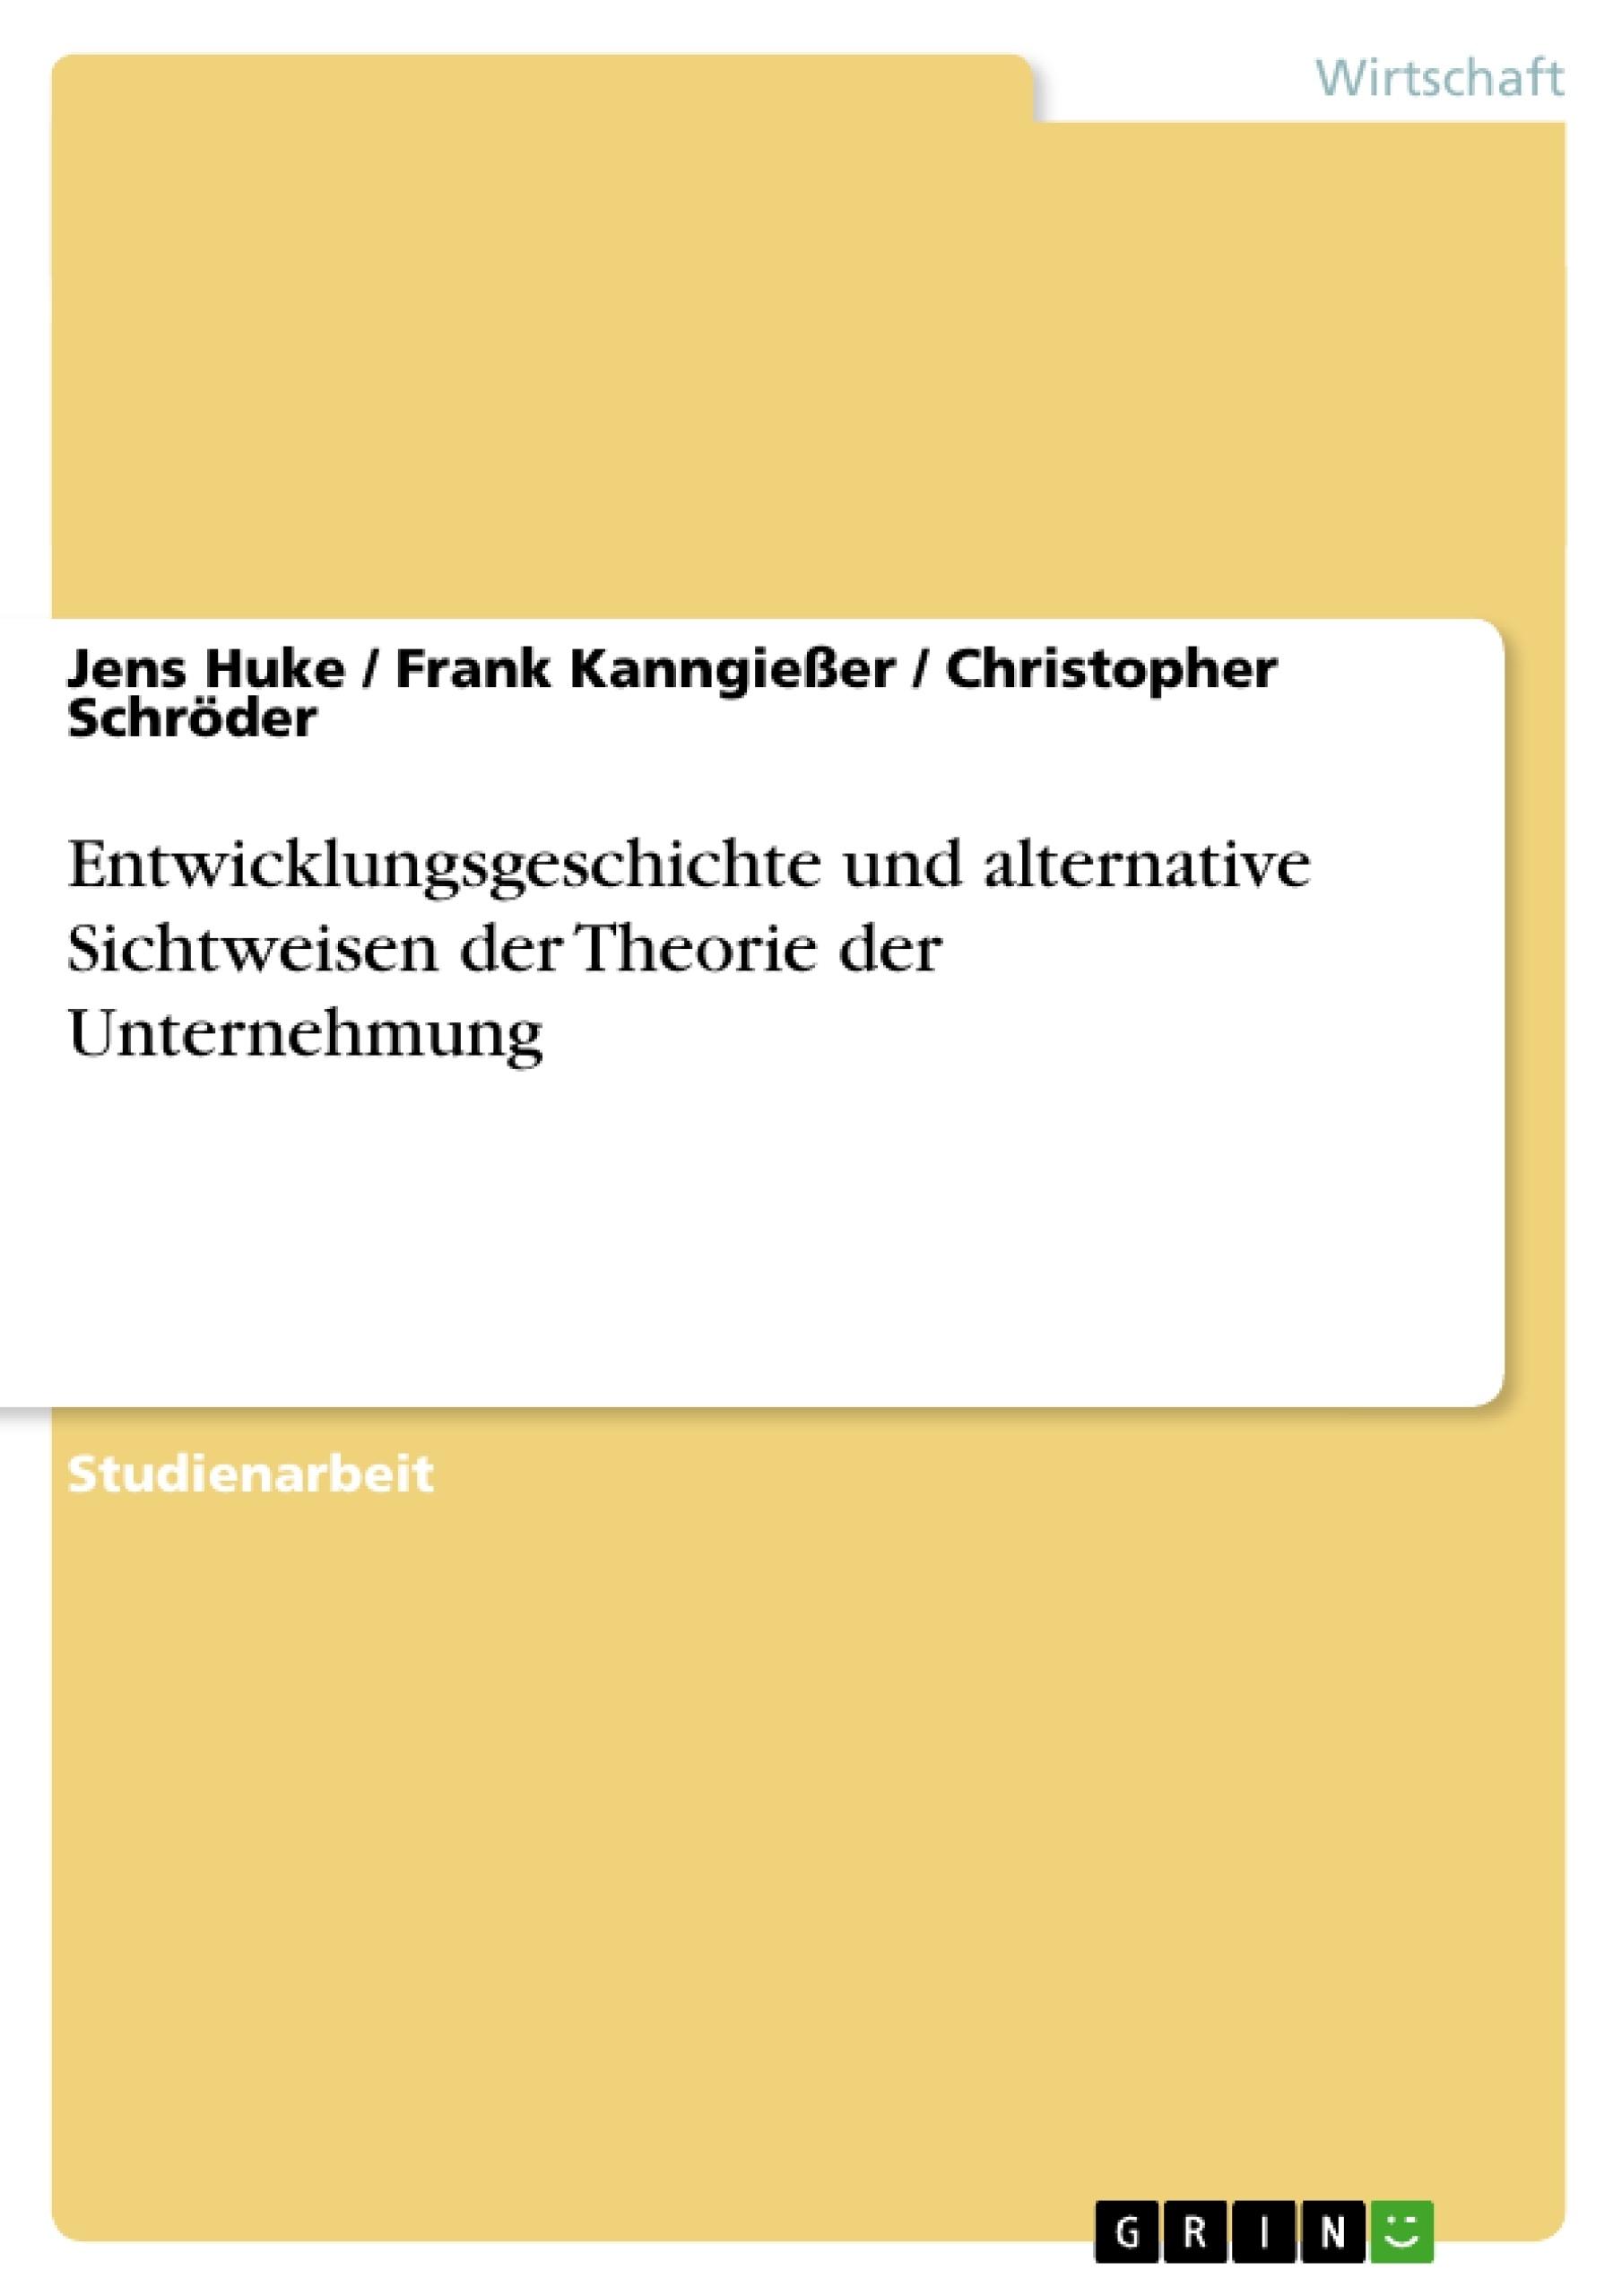 Titel: Entwicklungsgeschichte und alternative Sichtweisen der Theorie der Unternehmung